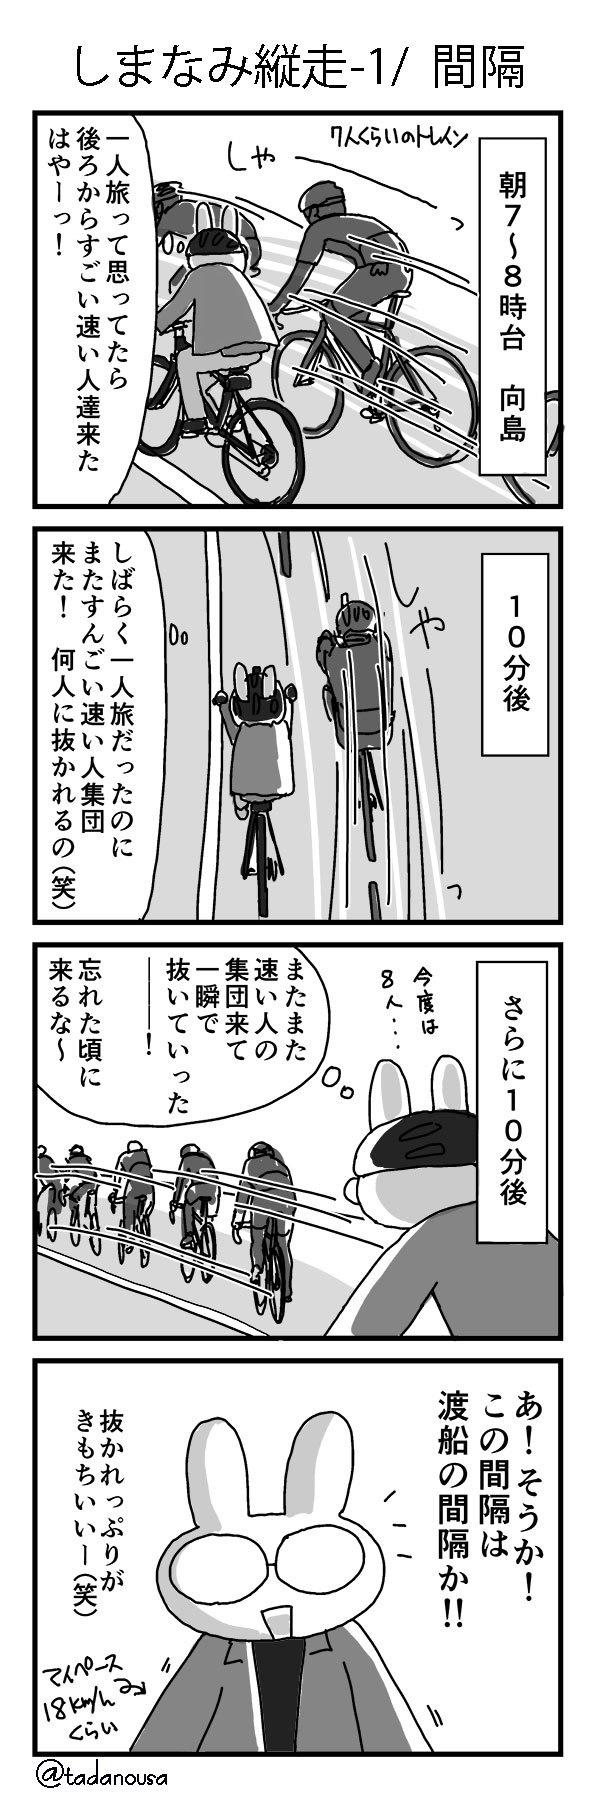 しまなみ縦走1